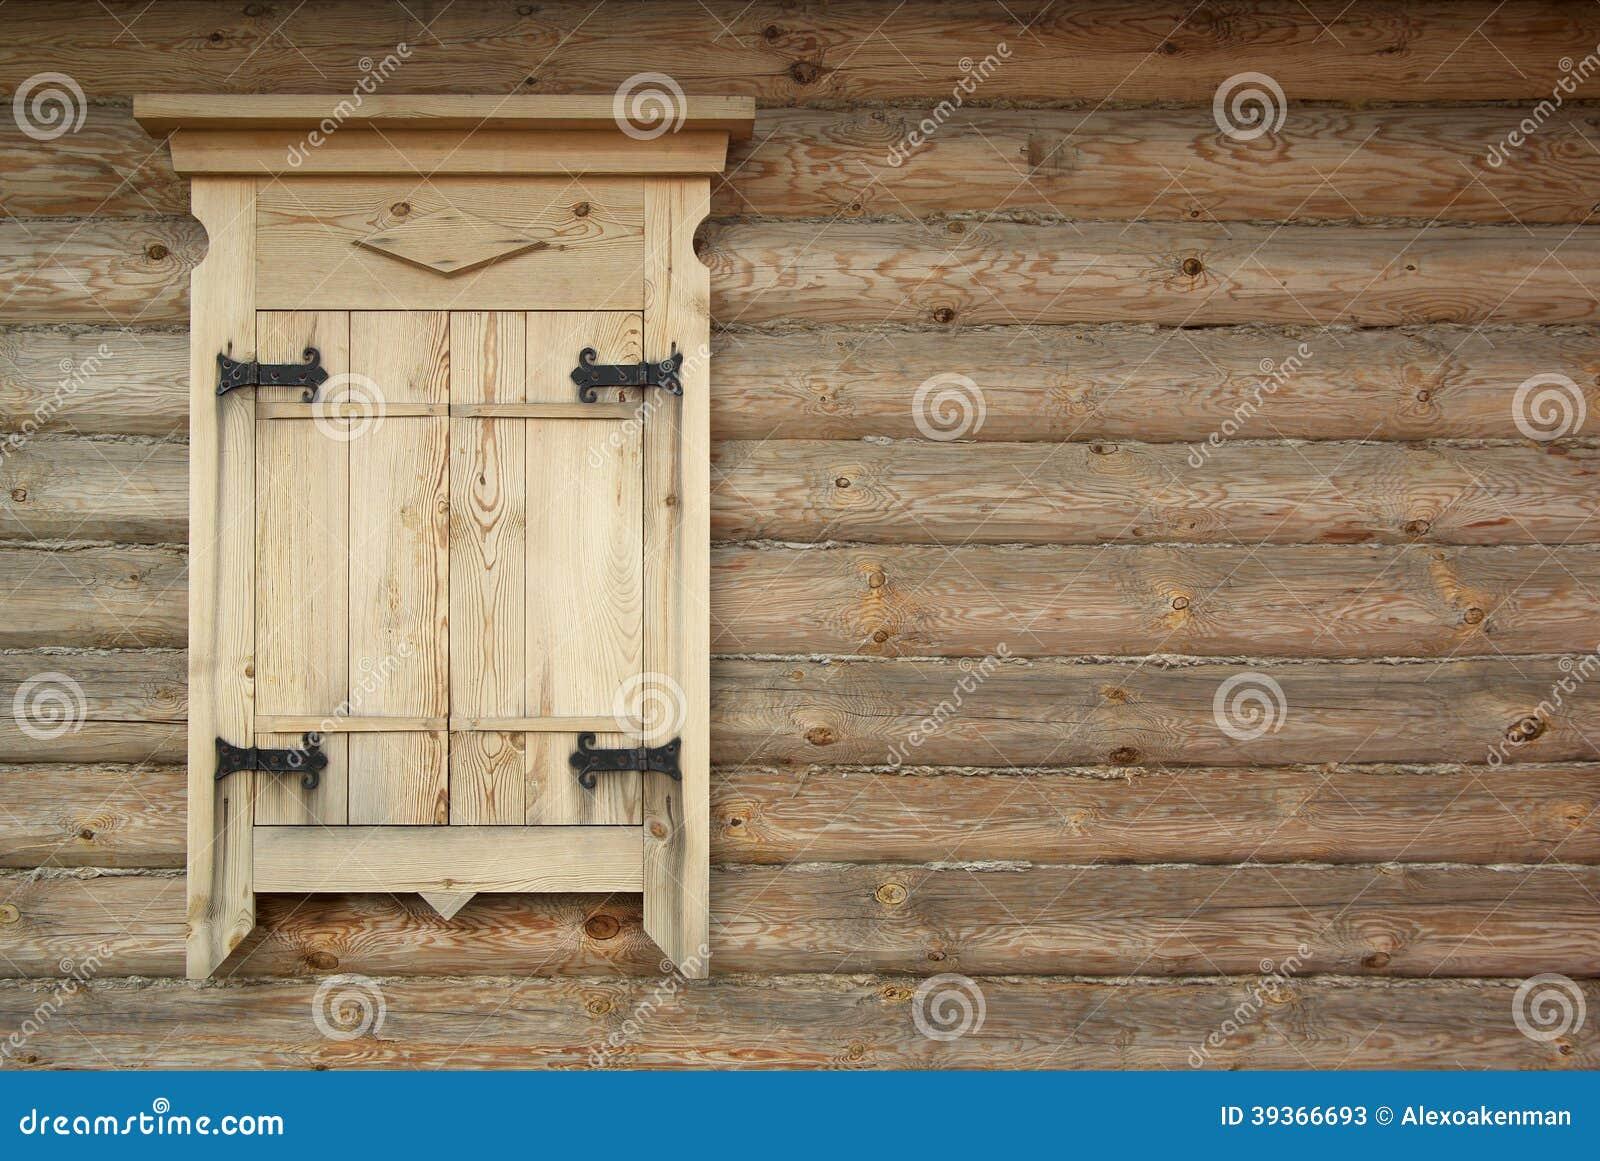 Parete di legno del ceppo con la finestra chiusa - Parete di legno ...